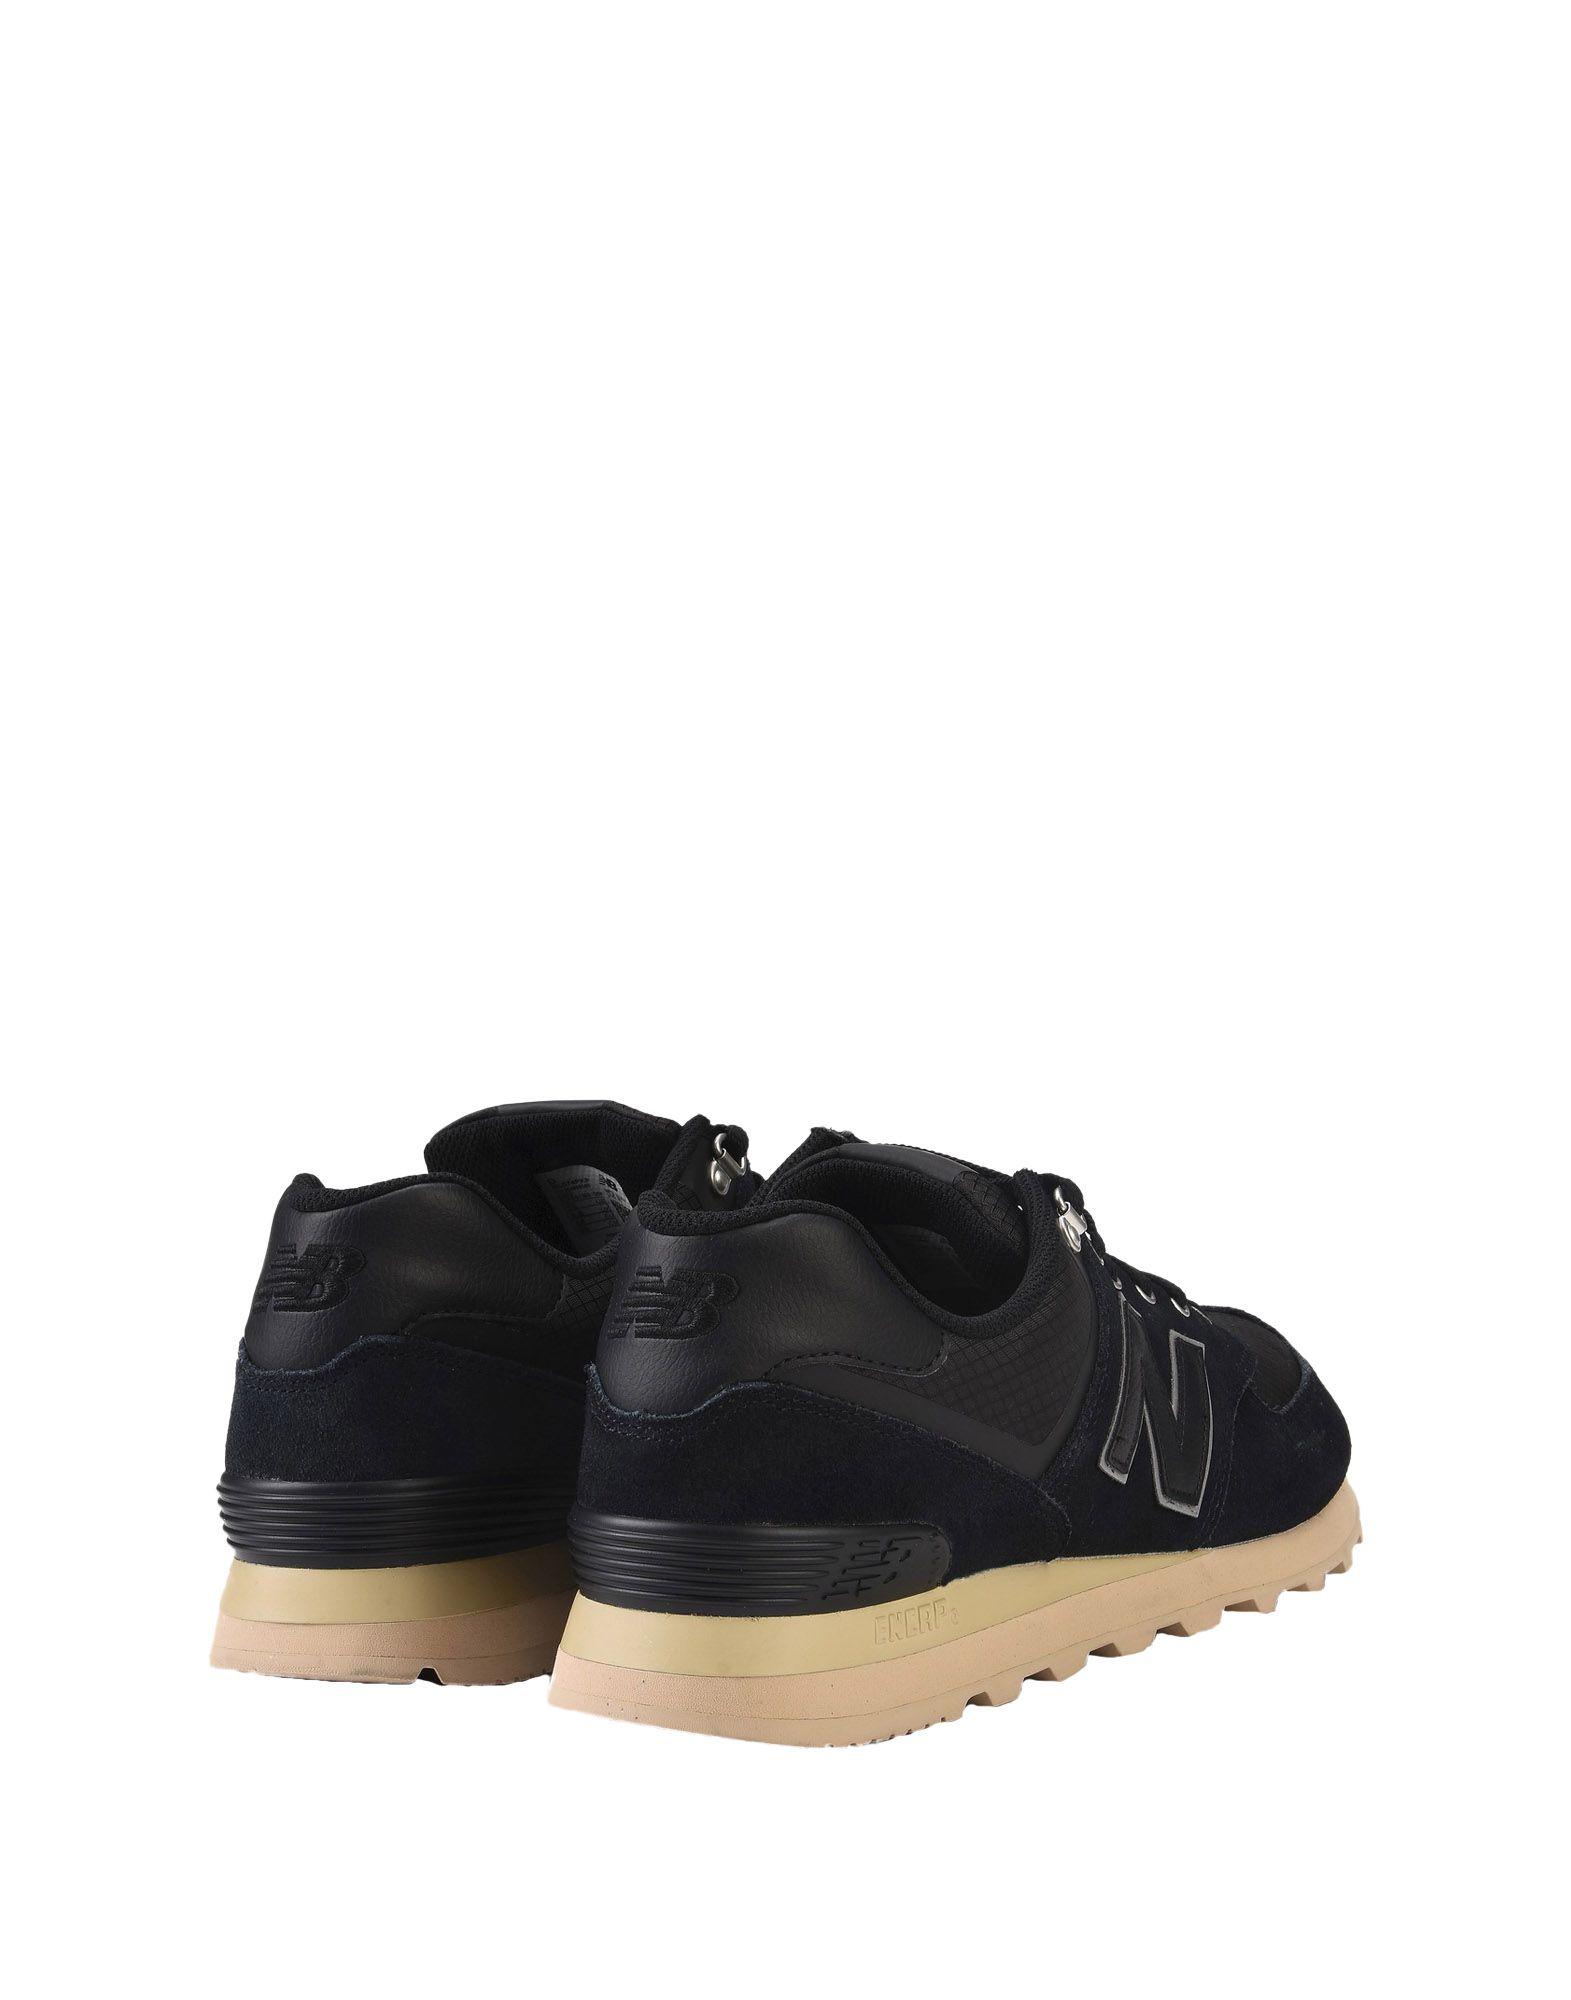 Rabatt echte Schuhe New  Balance 574 Outdoor Pack  New 11393101BA 03478d